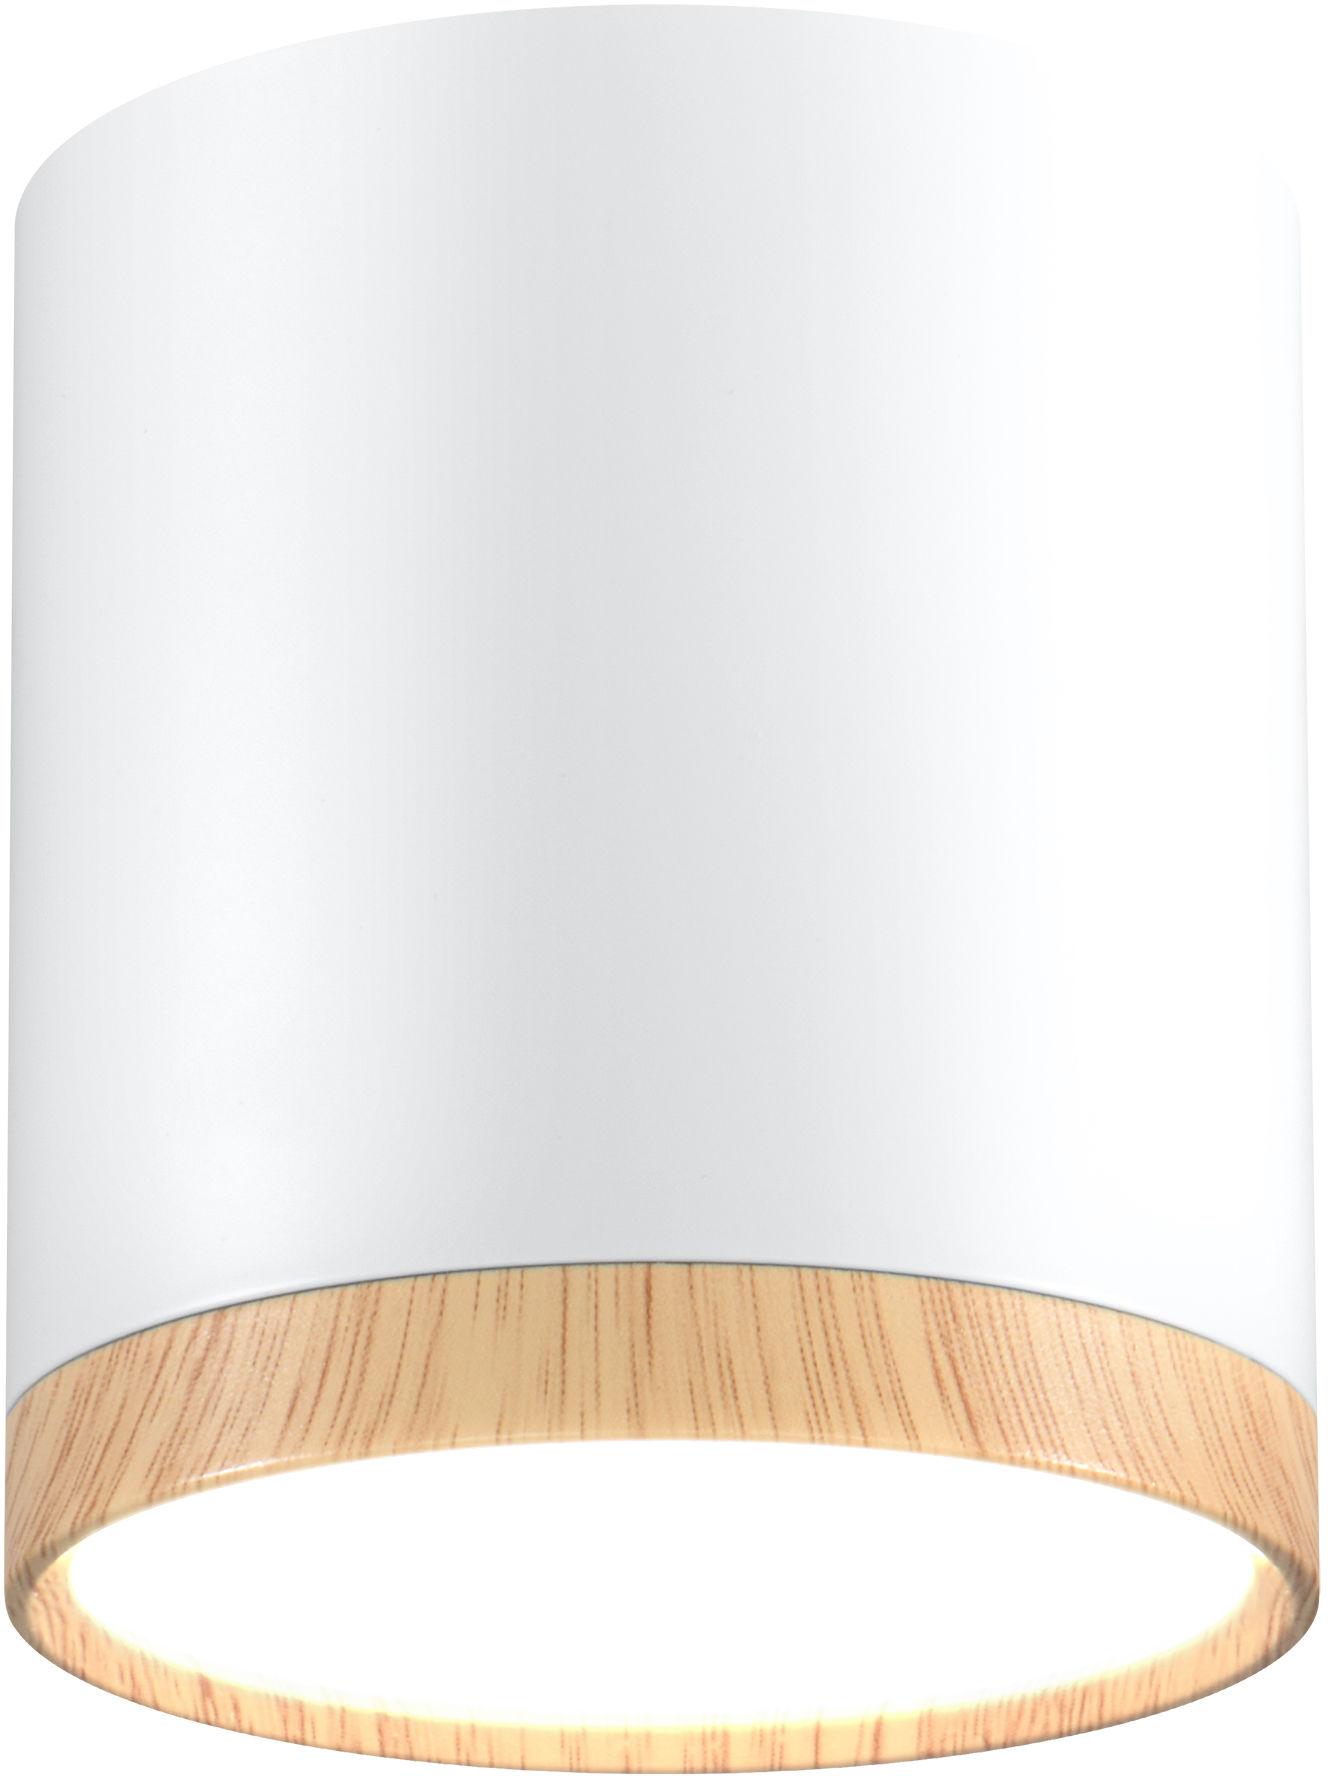 Candellux TUBA 2273624 oprawa stropowa natynkowa aluminium biały + drewniany 5W LED 4000K 6,8 cm